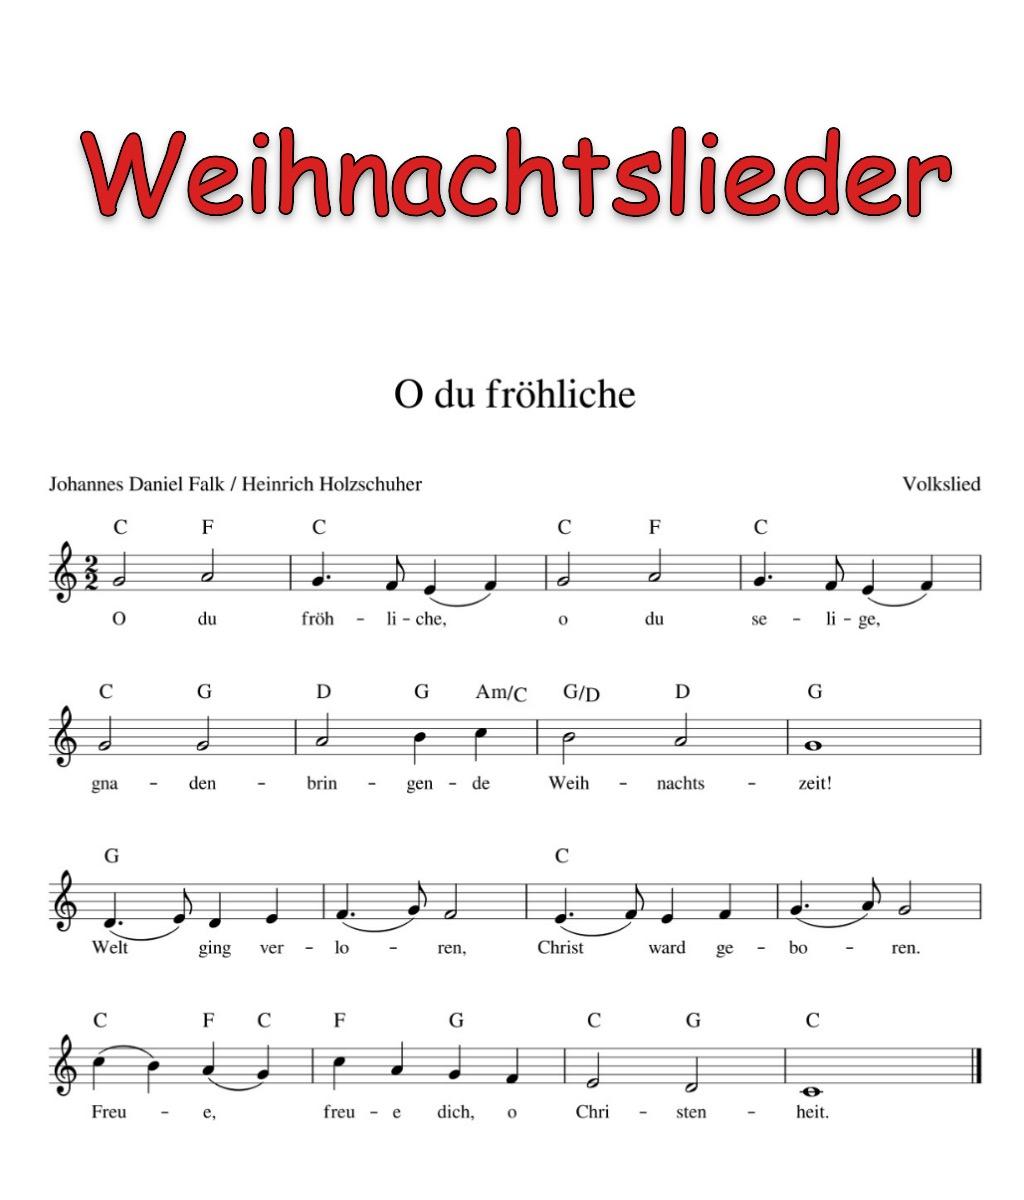 Kinderlieder Mit Noten - Kinderlieder - Noten - Text bei Laterne Sonne Mond Und Sterne Text